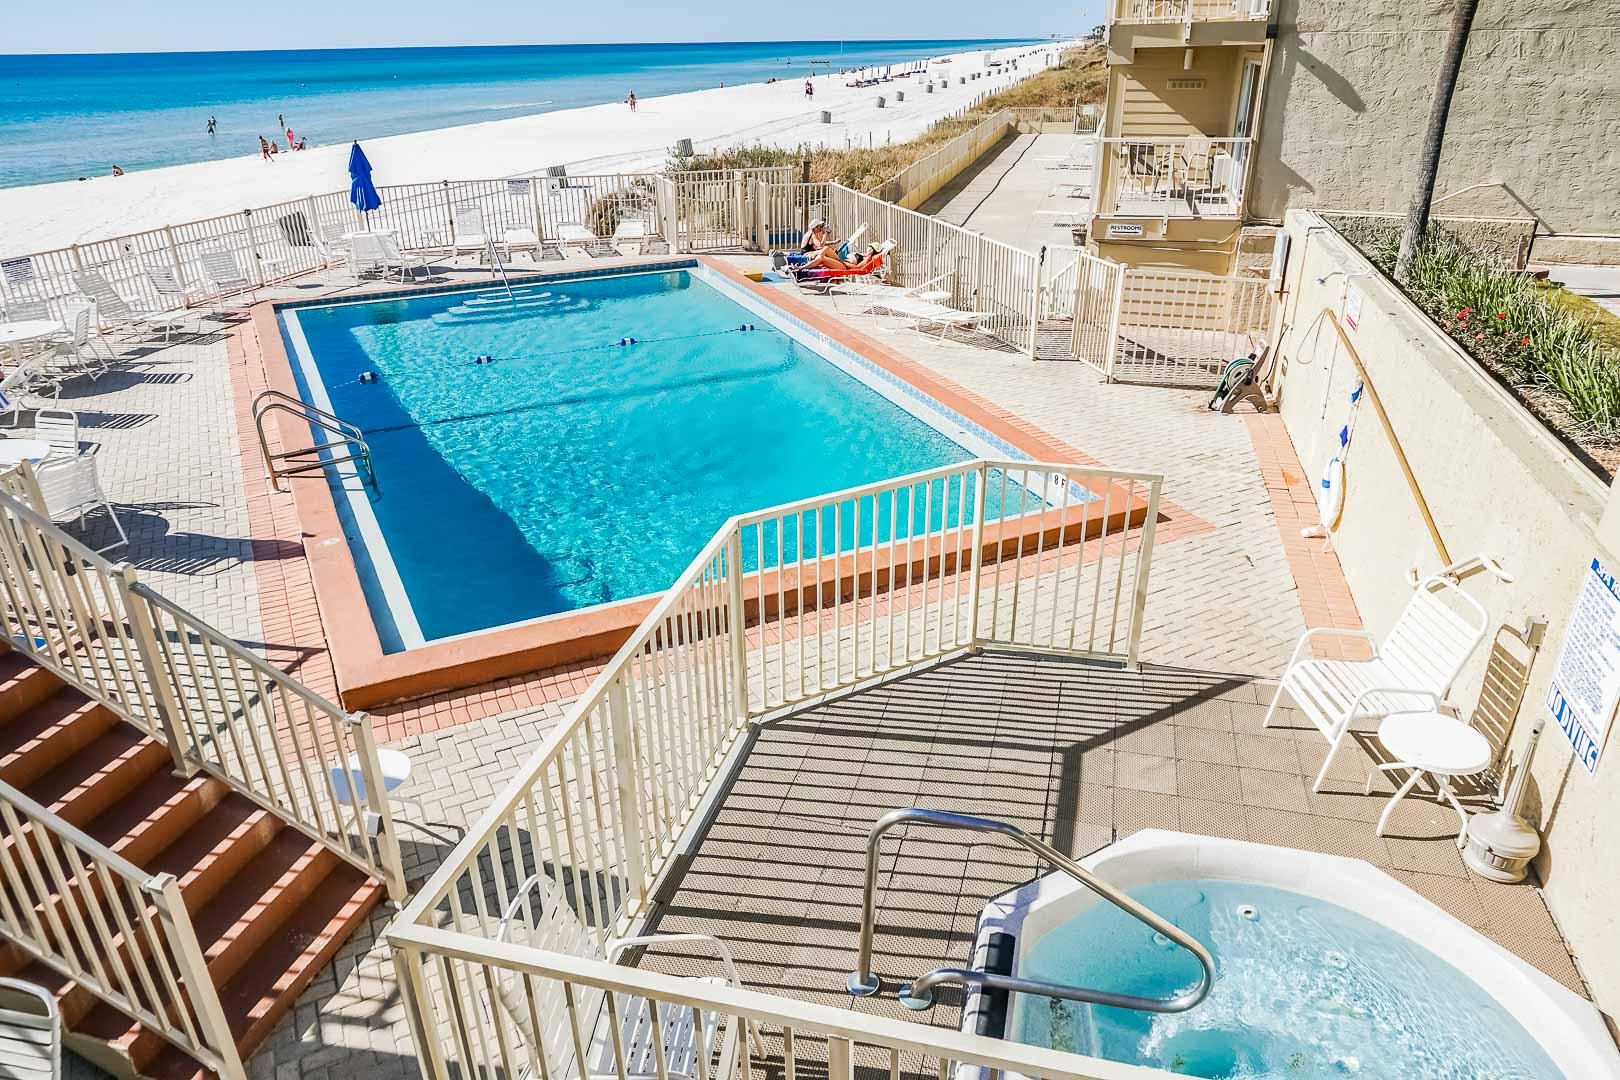 A crisp pool at VRI's Panama City Resort & Club in Florida.